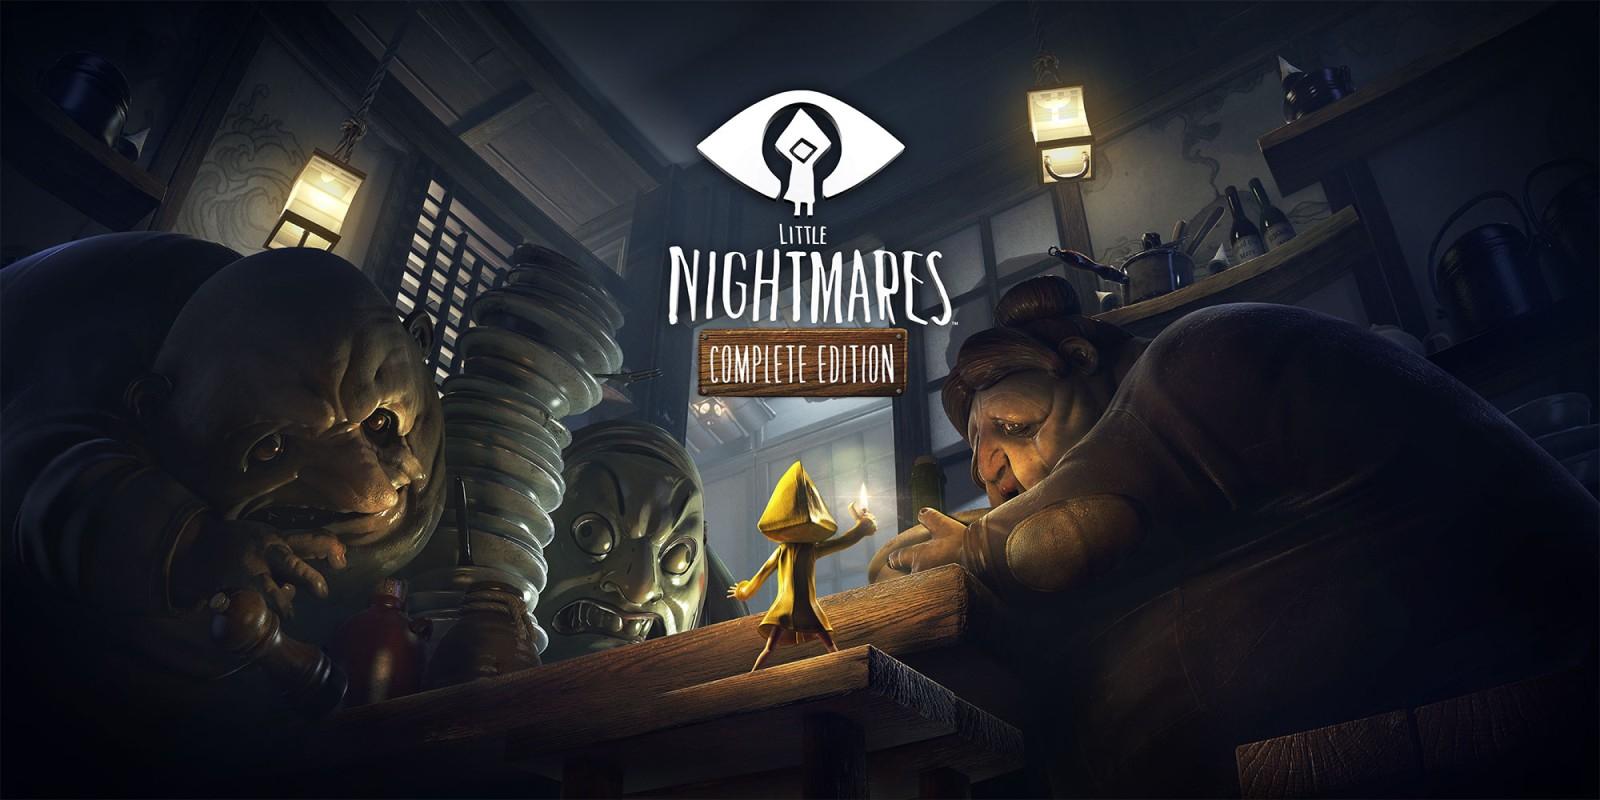 Jeu Little Nightmares Complete edition sur PS4 (Dématérialisé)